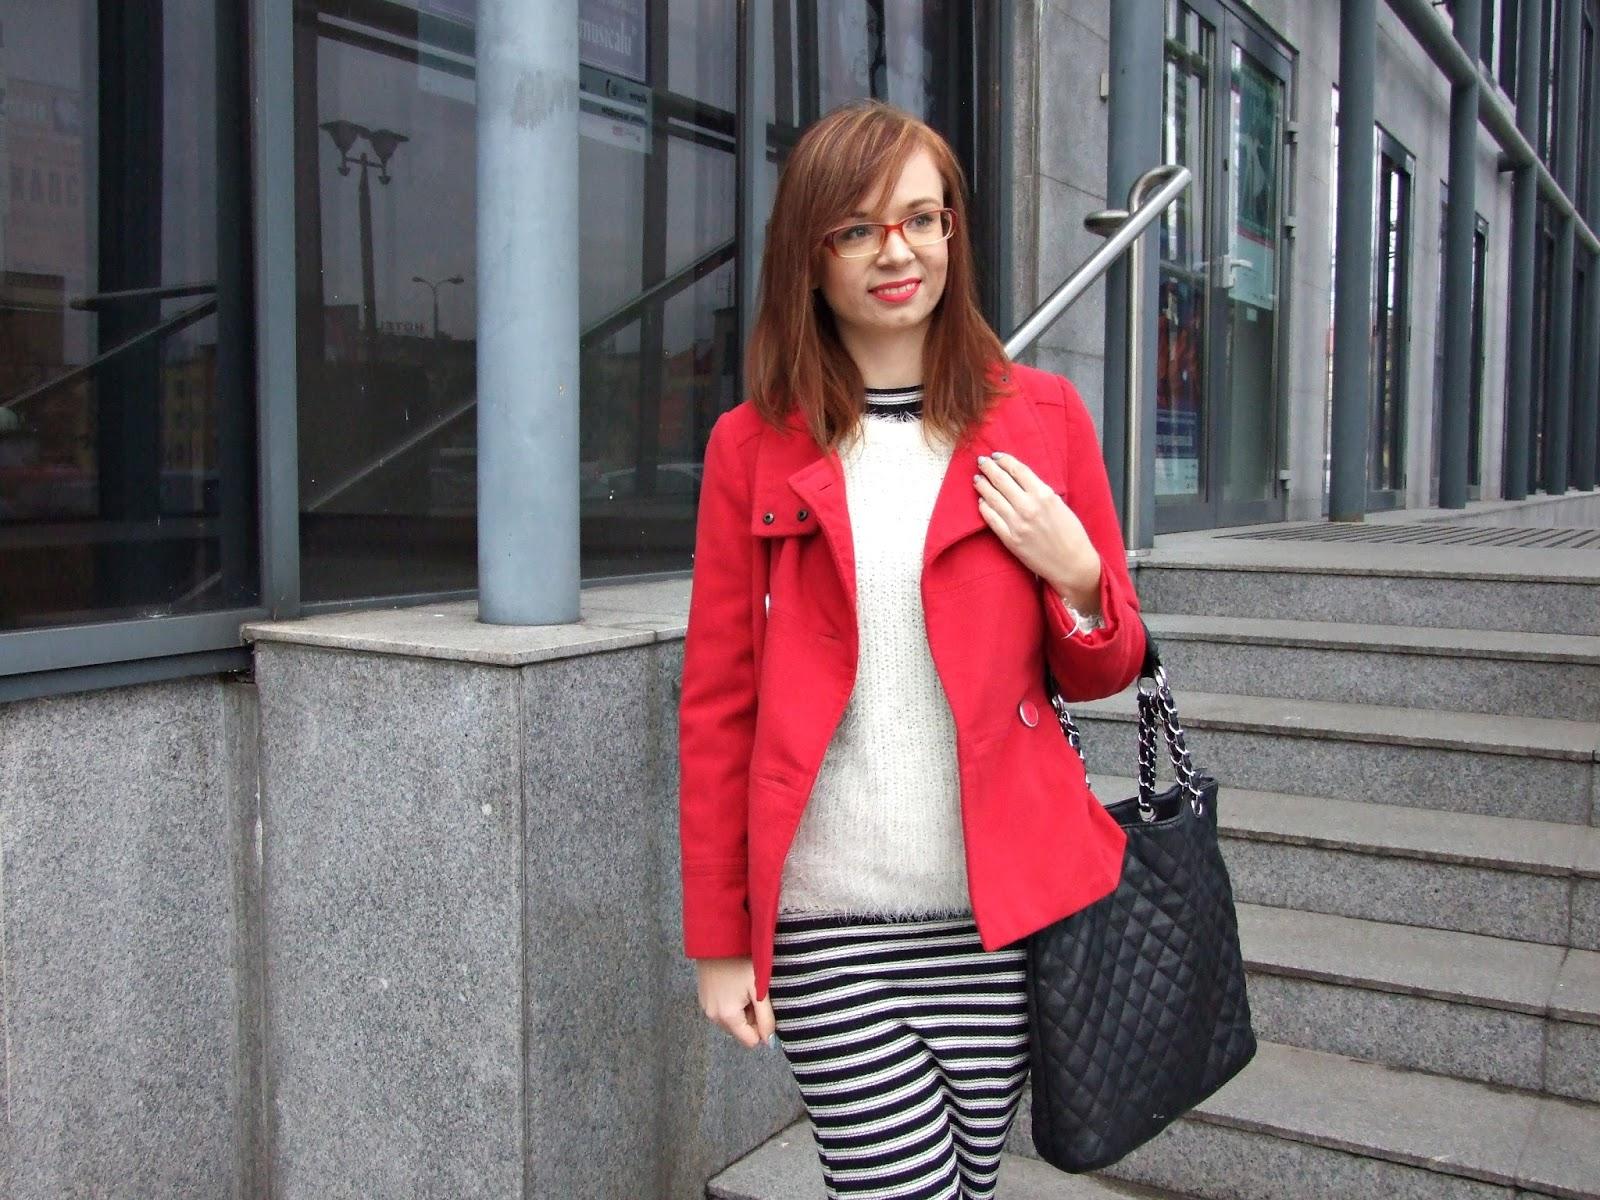 Czerwony płaszczyk i długa sukienka